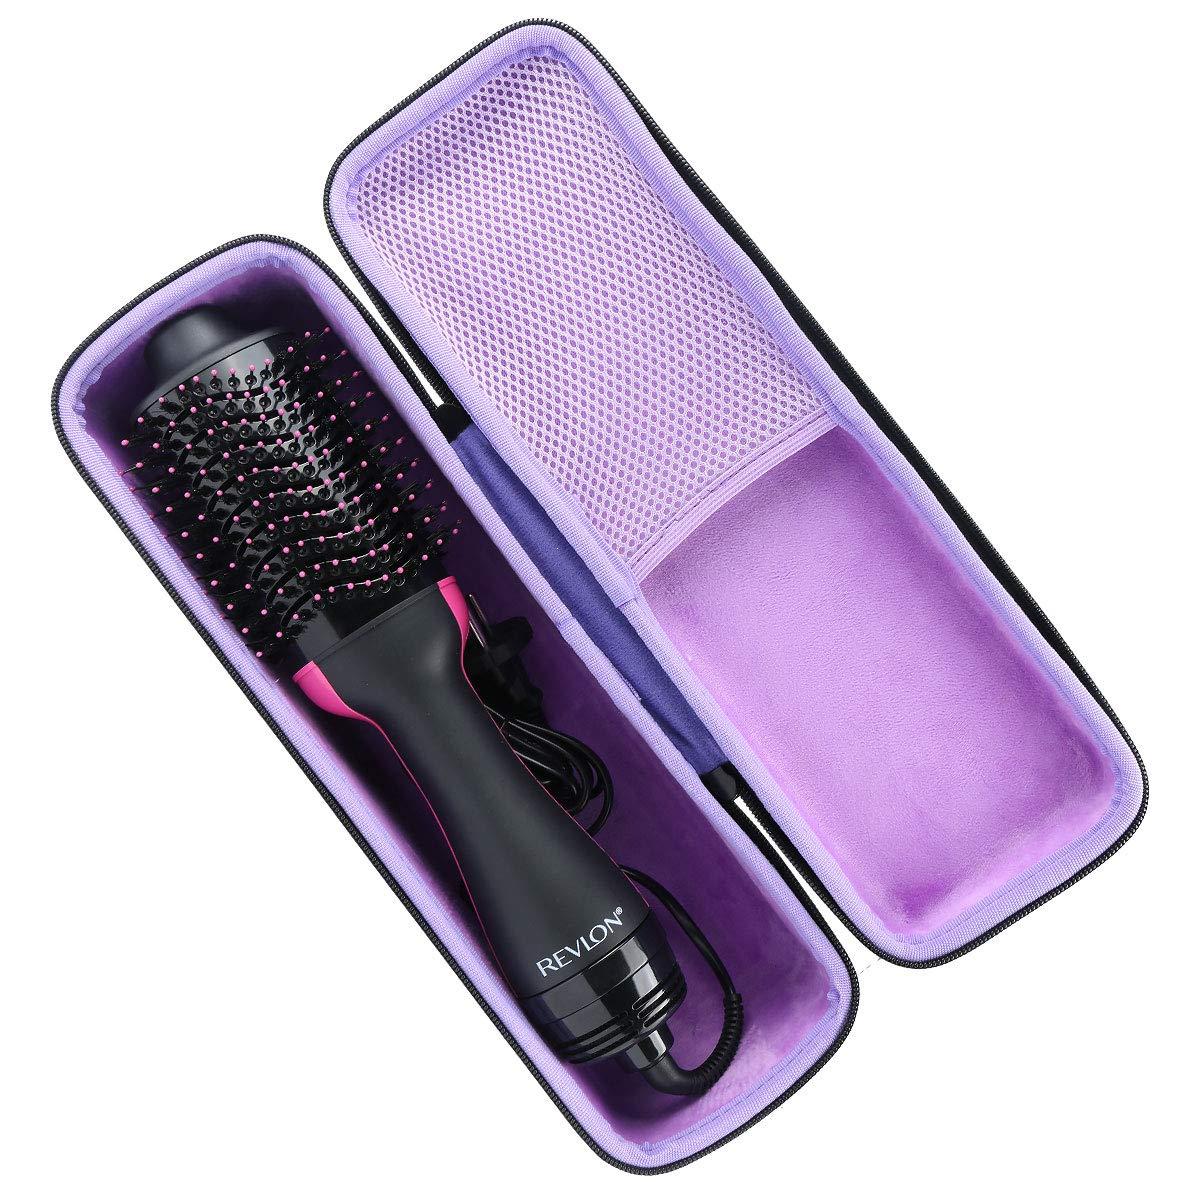 co2crea Hard Travel Case for Revlon One-Step Hair Dryer Volumizer Styler